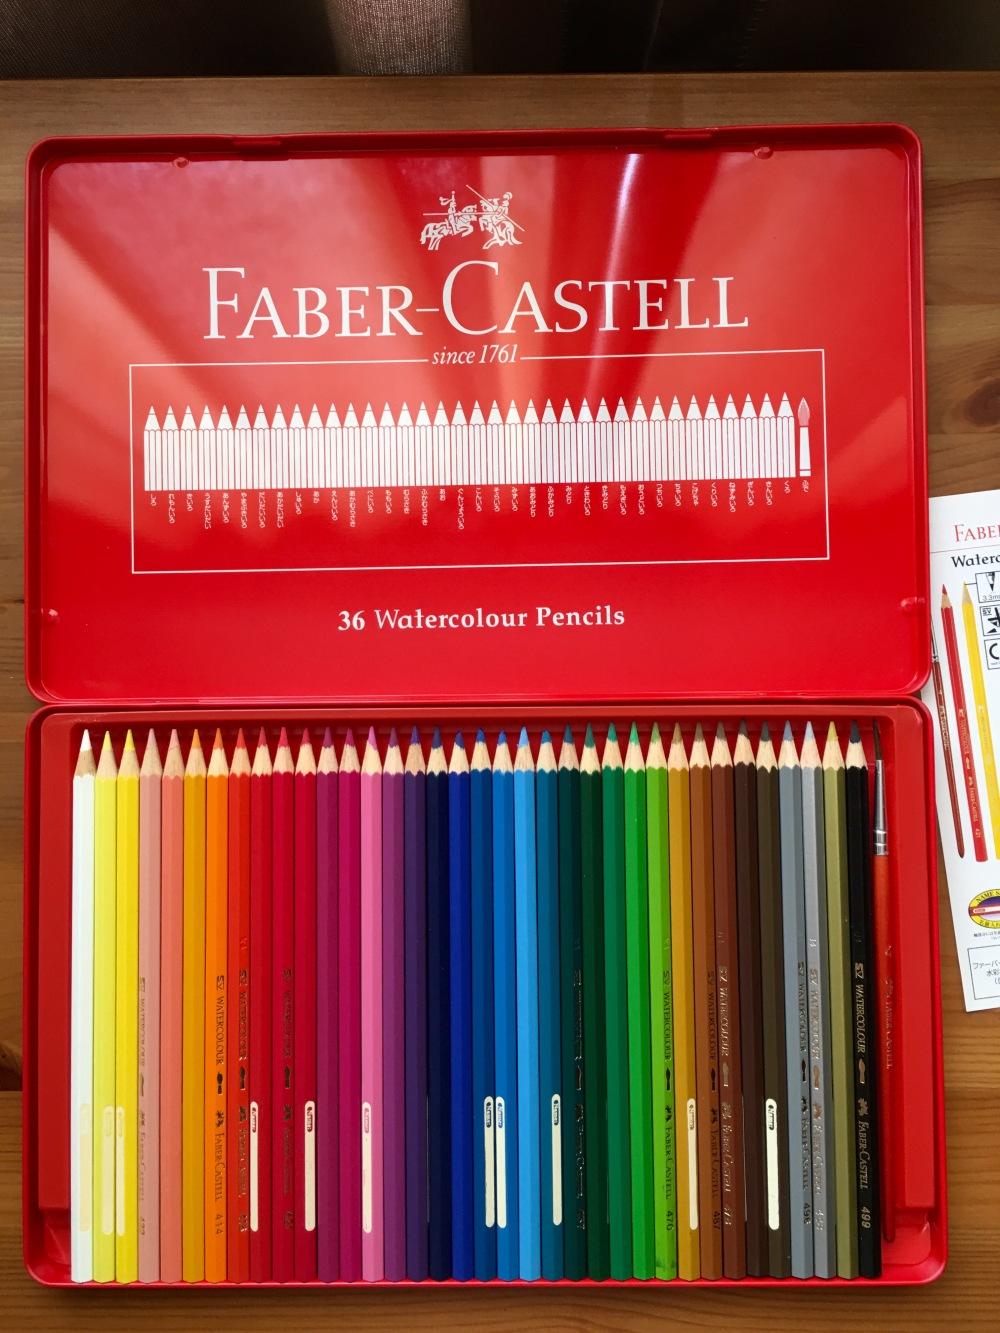 Faber-Castell watercolor pencils set